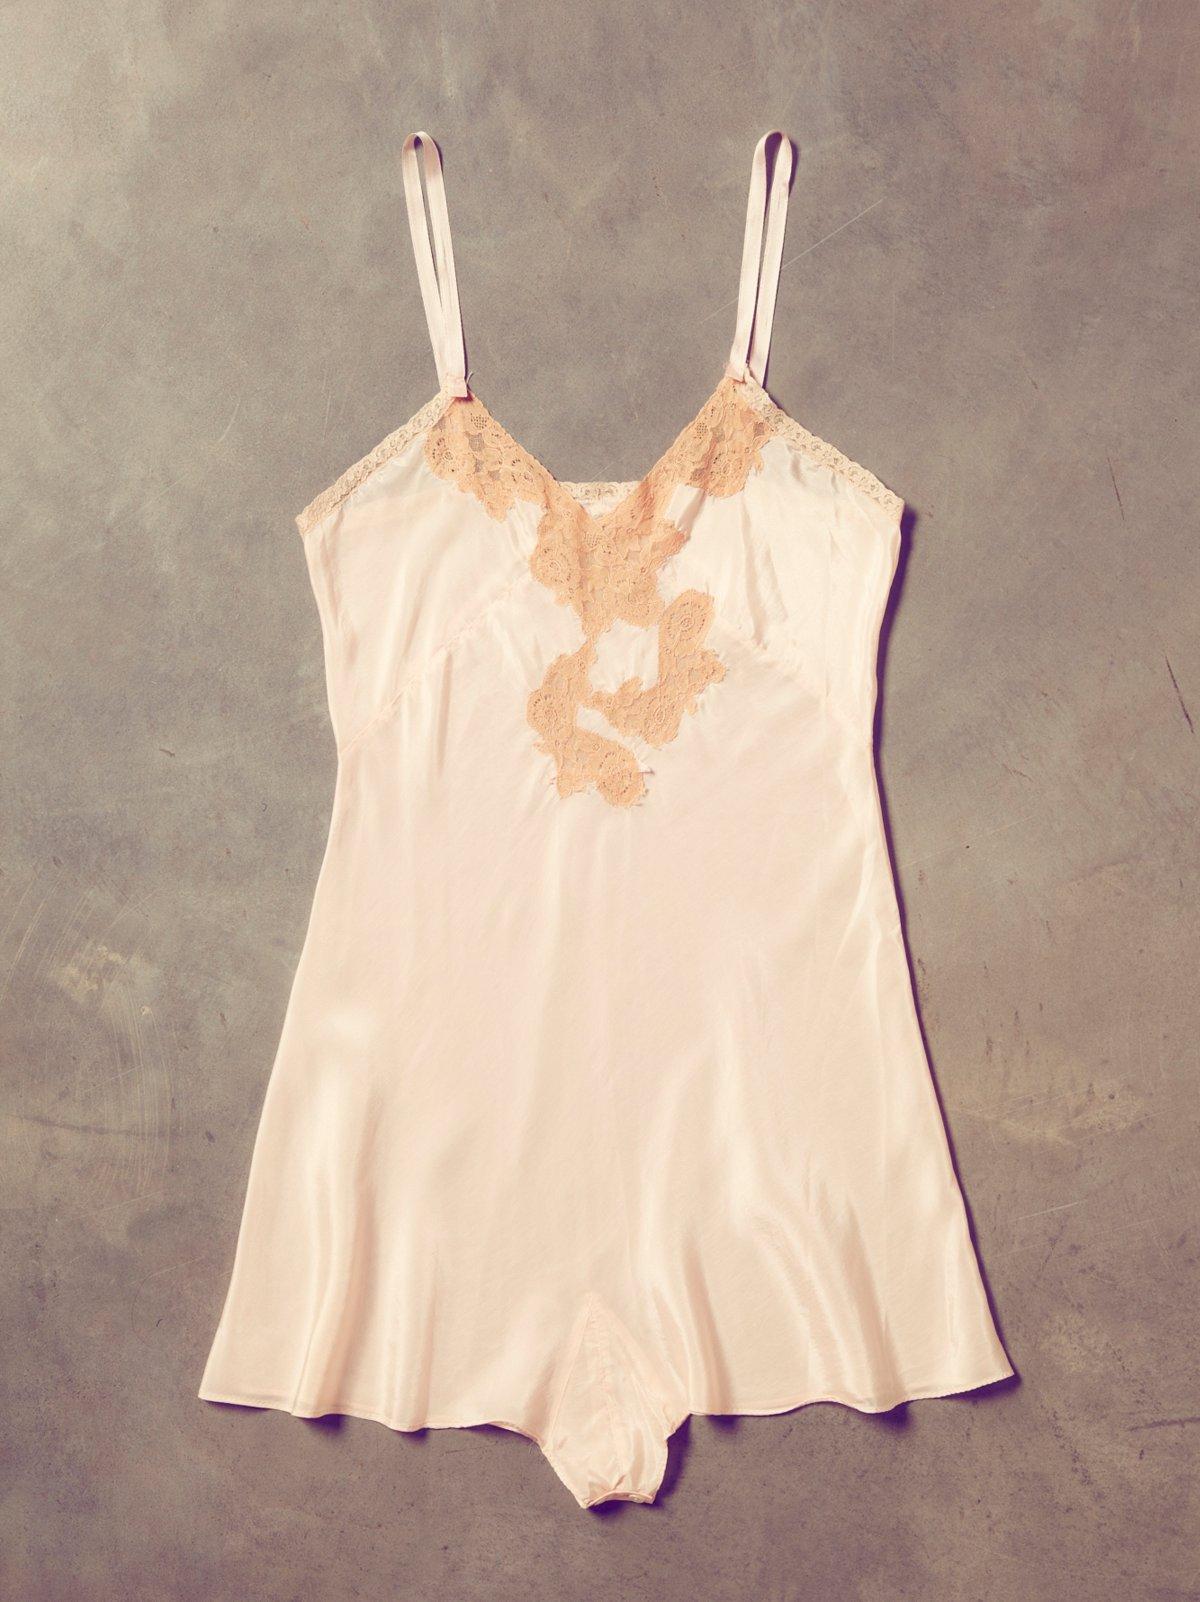 Vintage 1950s Pink Slip Dress